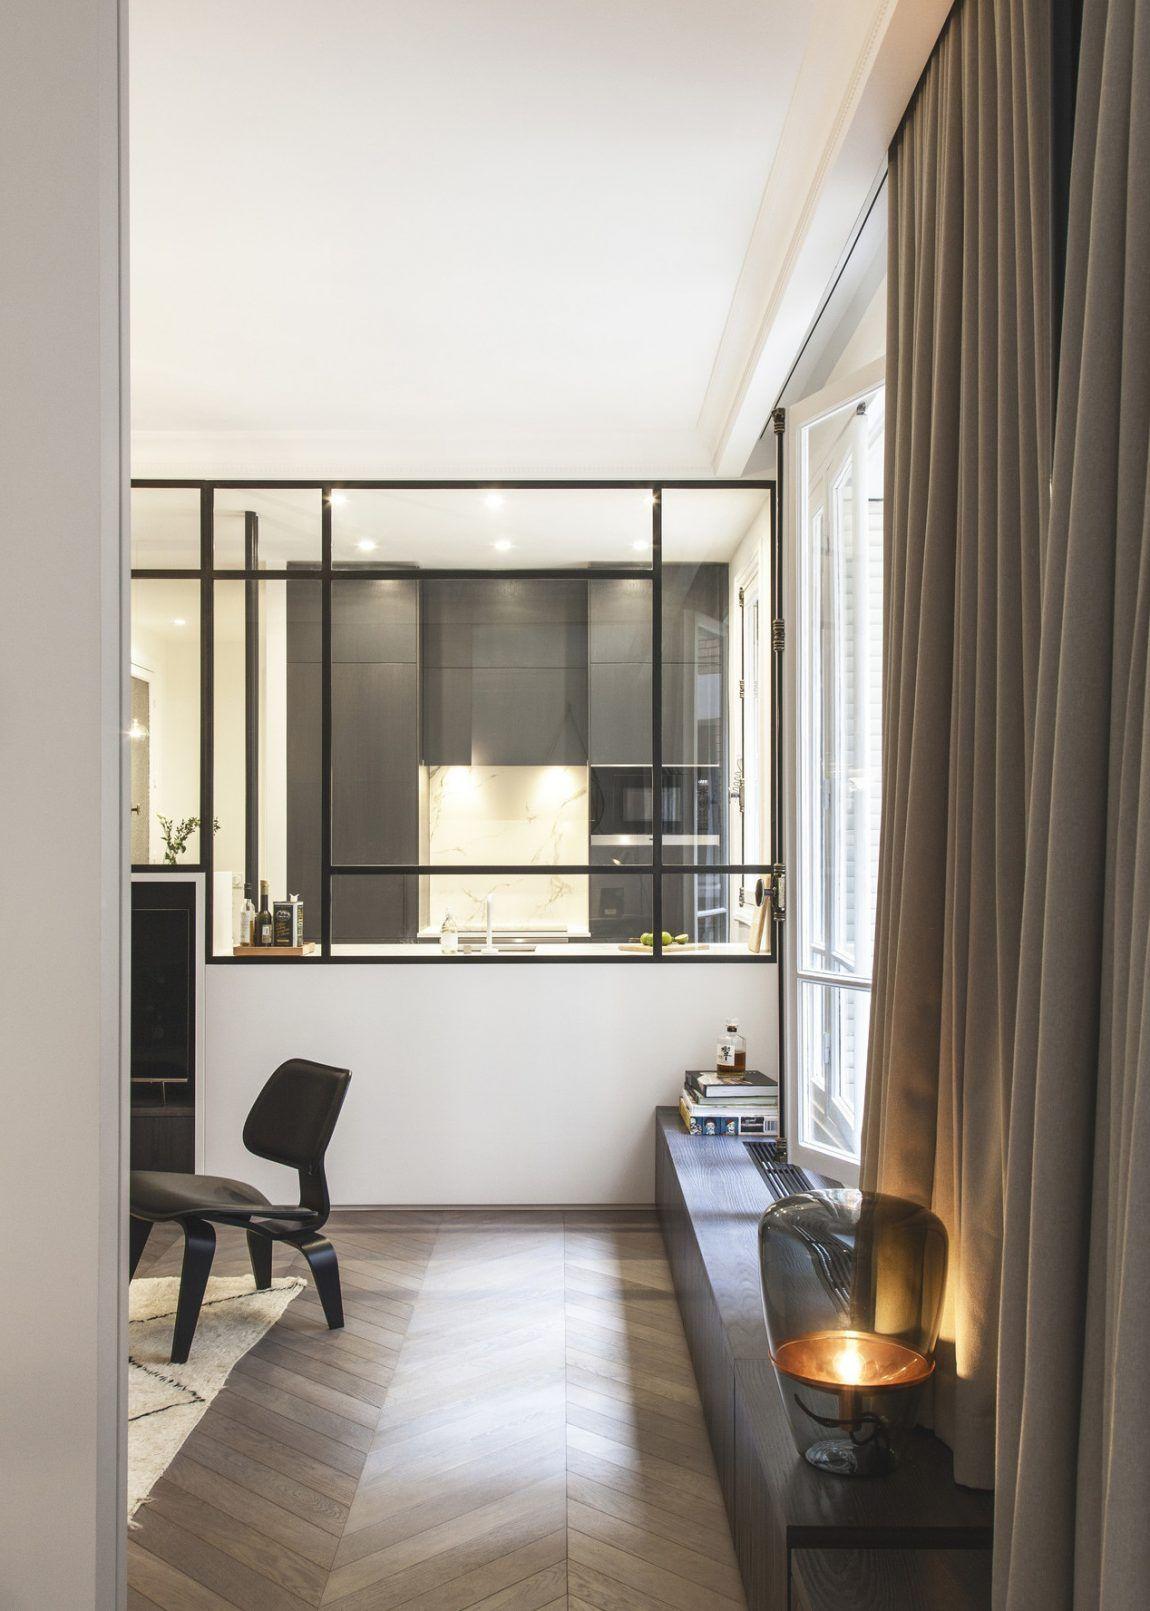 Interieur De Luxe Appartement luxe appartement van 65m2 in warme neutrale kleuren - modern